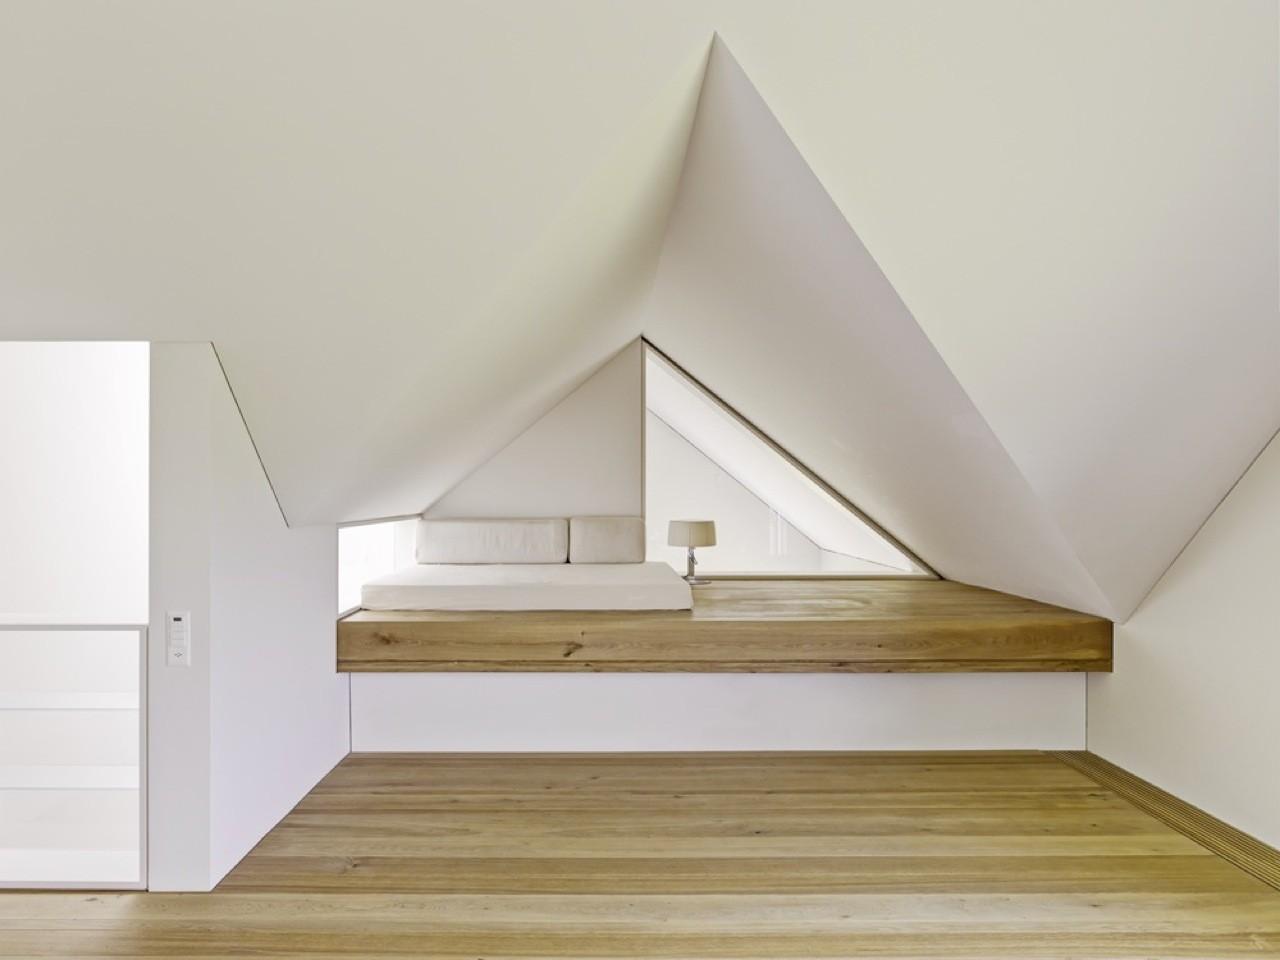 galeria de gottshalden rossetti wyss architekten 8. Black Bedroom Furniture Sets. Home Design Ideas